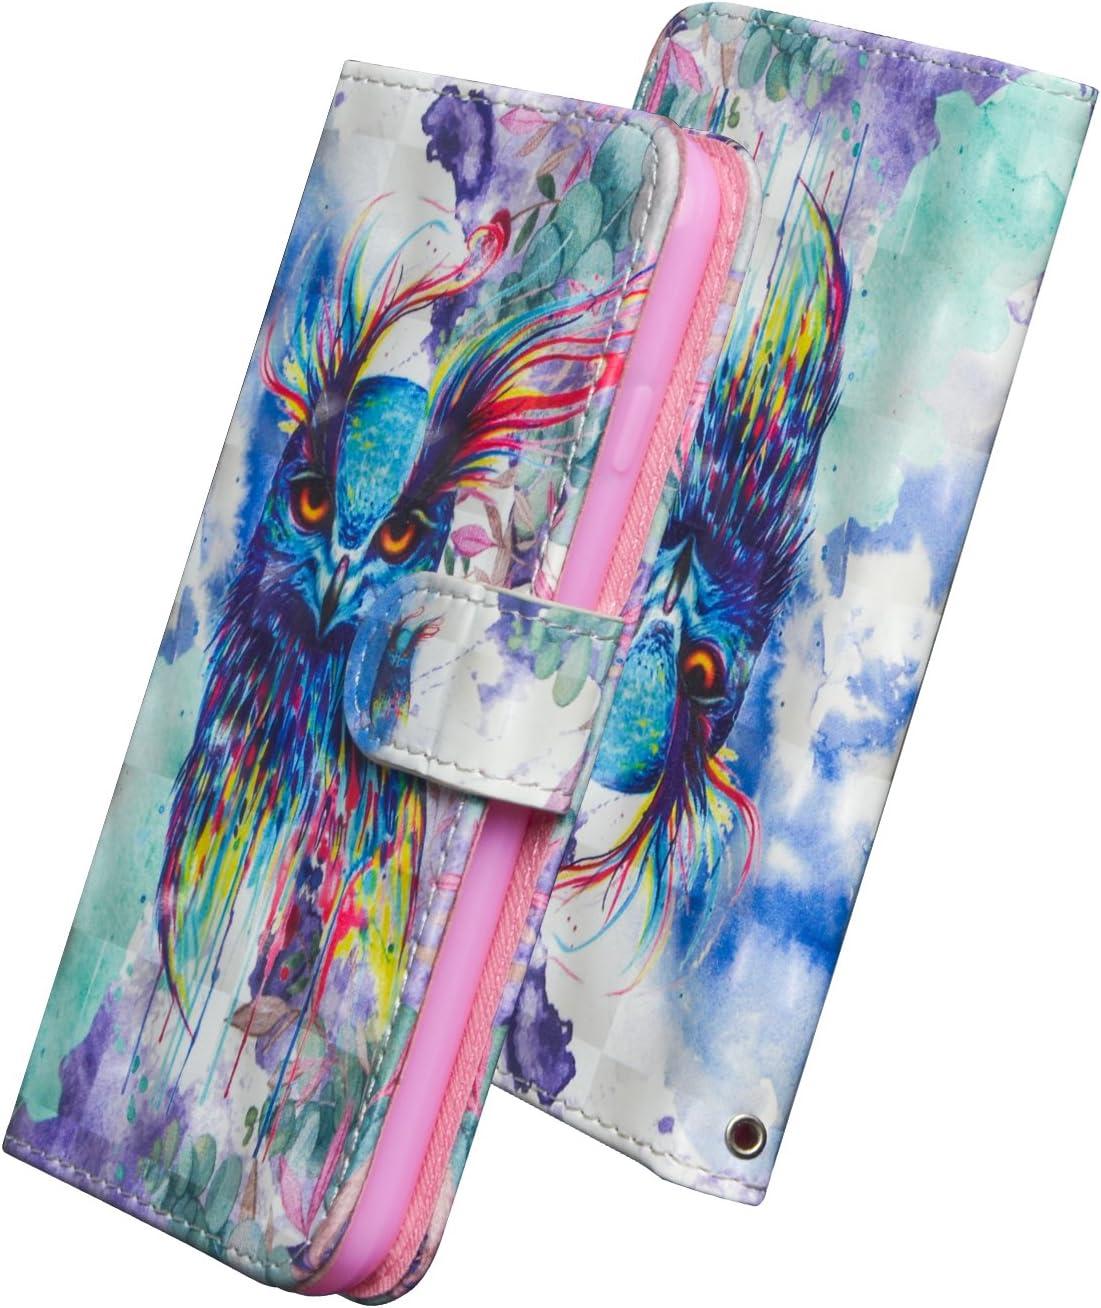 HUDDU Kompatibel mit Samsung Galaxy J3 2016 H/üllen Flip Case Leder Wallet Handyh/ülle Tasche Brieftasche Schutzh/ülle St/änder Handytasche Magnetverschlu/ß Card Samsung J3 H/üllen Blauer Schmetterling